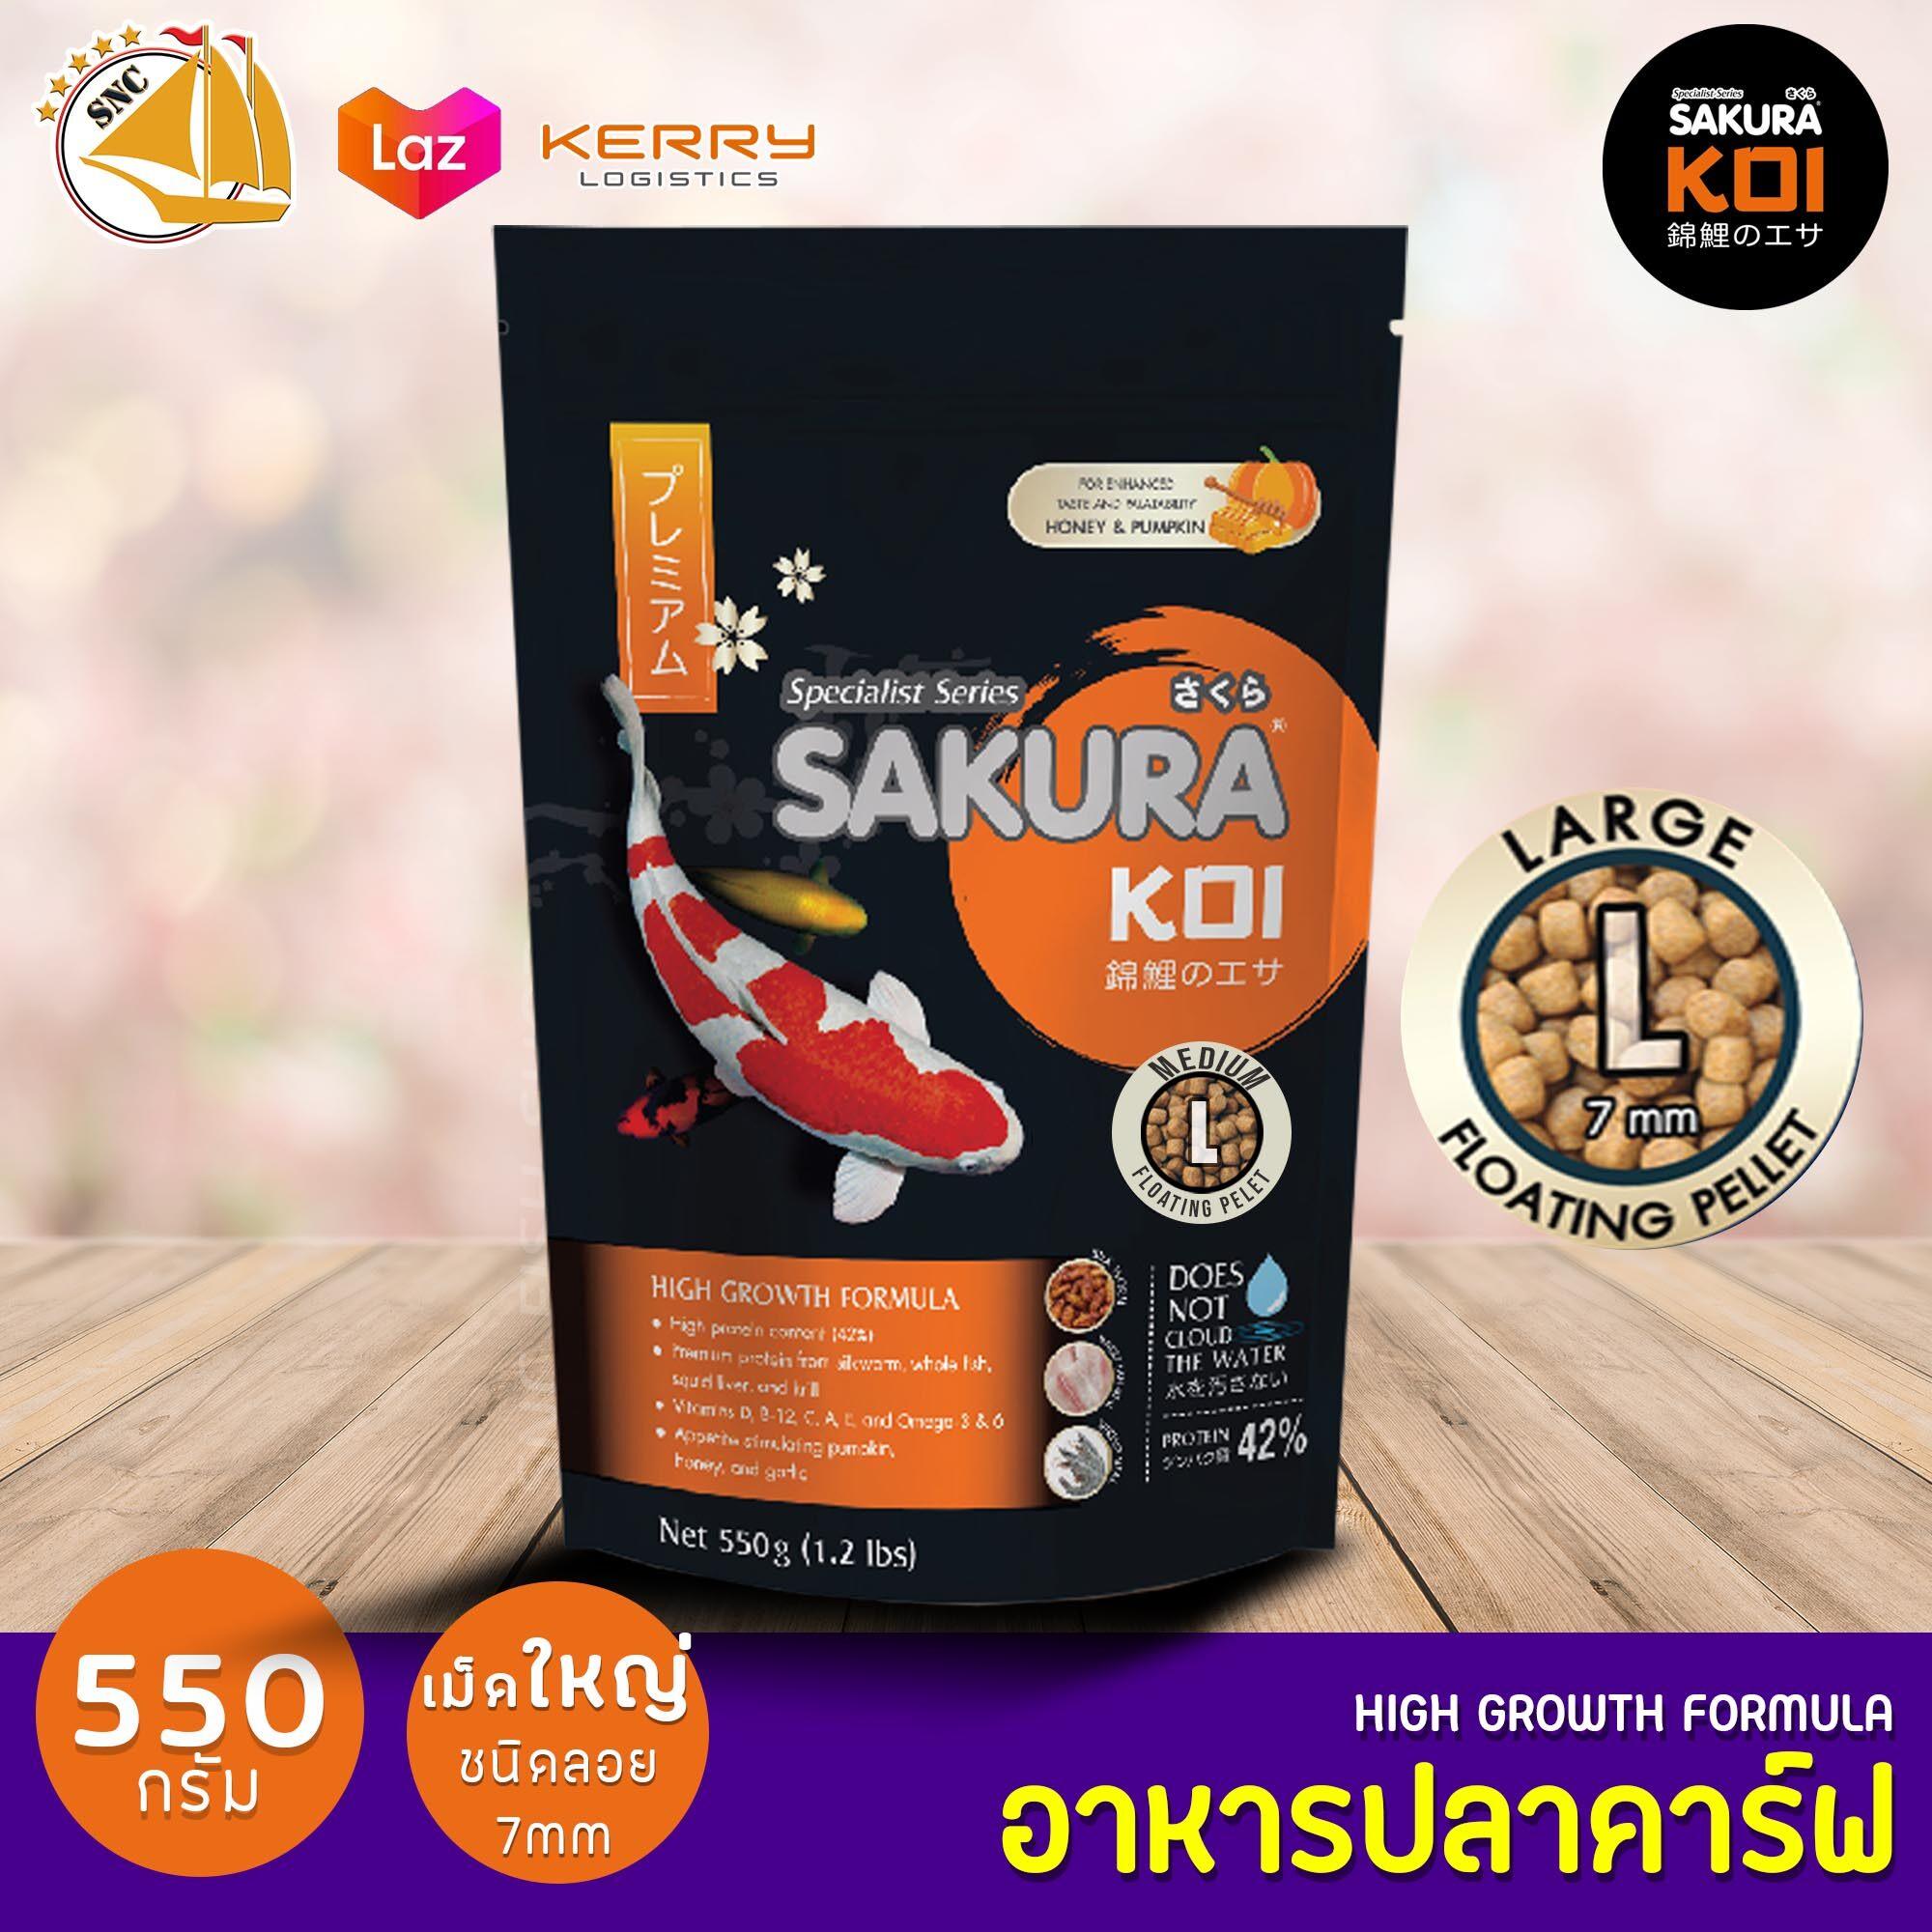 อาหารปลาคาร์ฟ Sakura Koi HI-GROWTH 550g (L) เม็ดใหญ่ ชนิดลอย